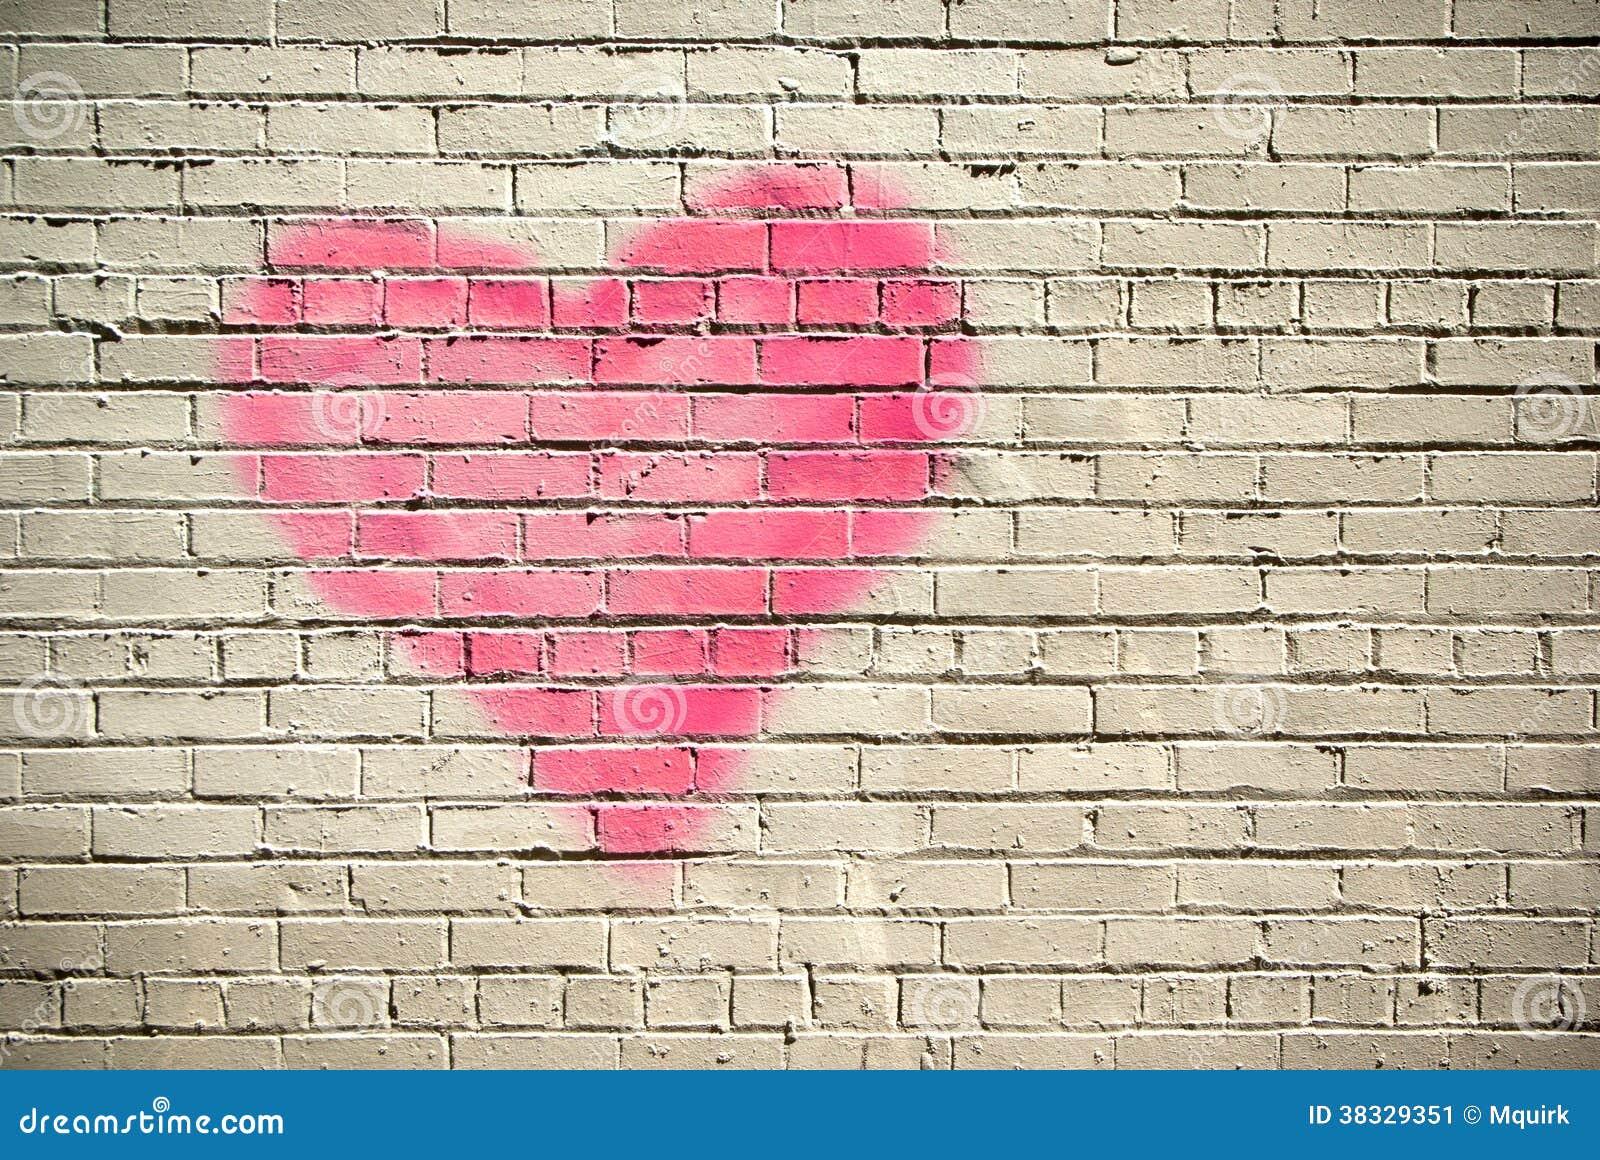 coeur sur un mur de briques image stock image du coeur structure 38329351. Black Bedroom Furniture Sets. Home Design Ideas